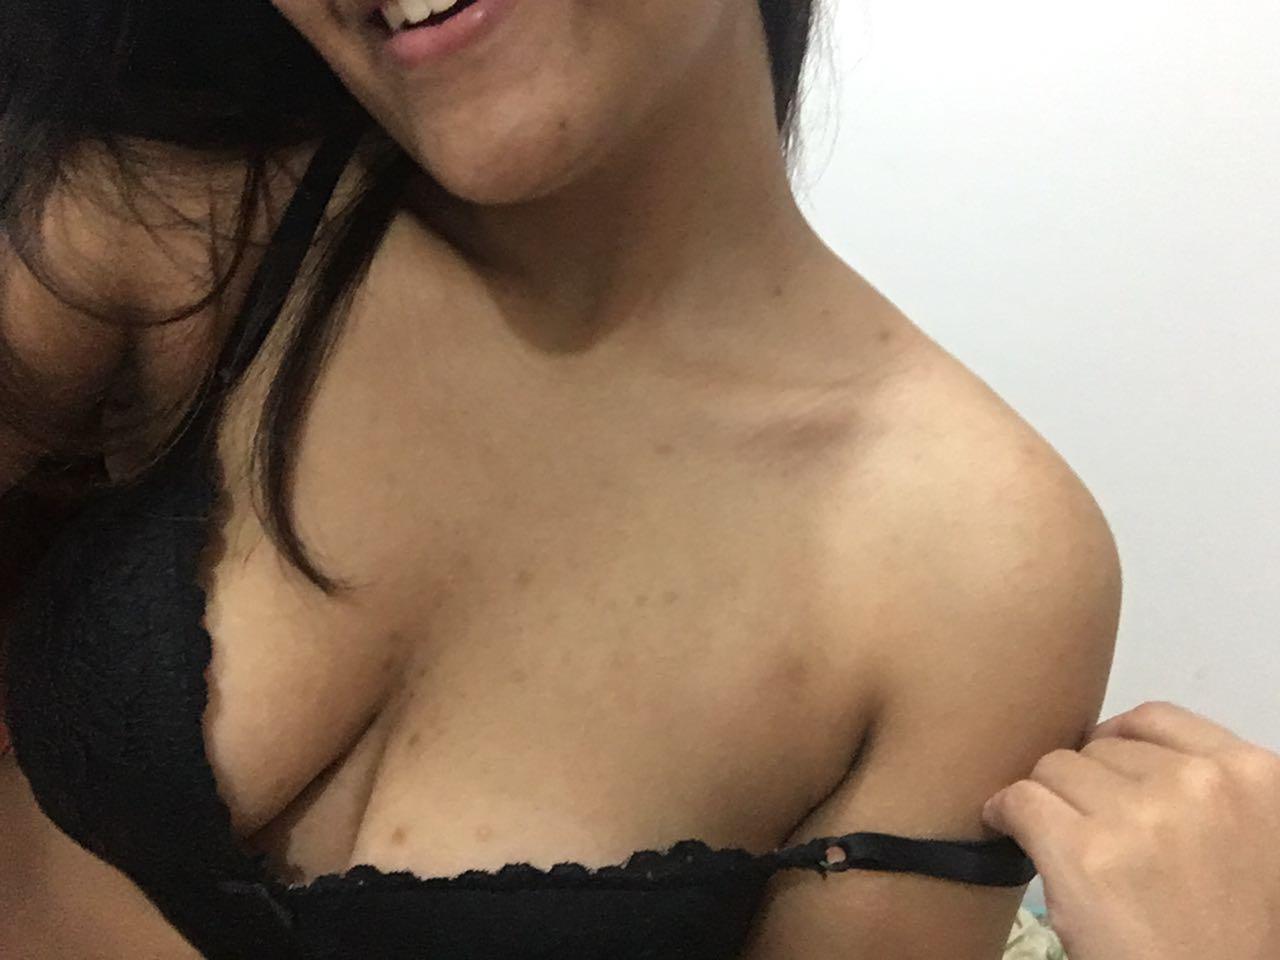 Morena gostosa de são paulo exibicionista 20 fotos pelada